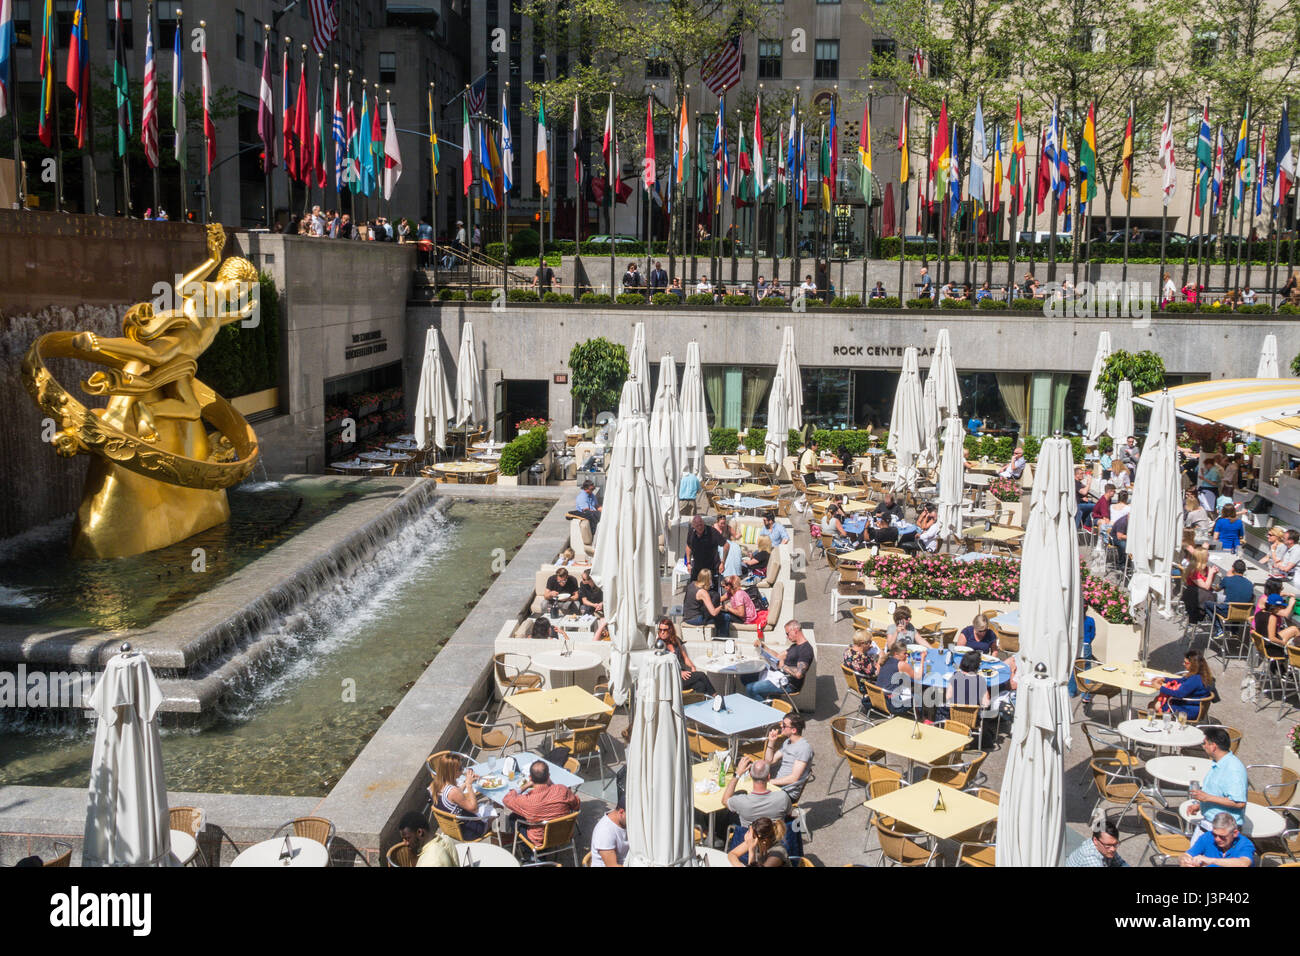 Rock Center Cafe Summer Garden And Bar, Rockefeller Center, NYC, USA